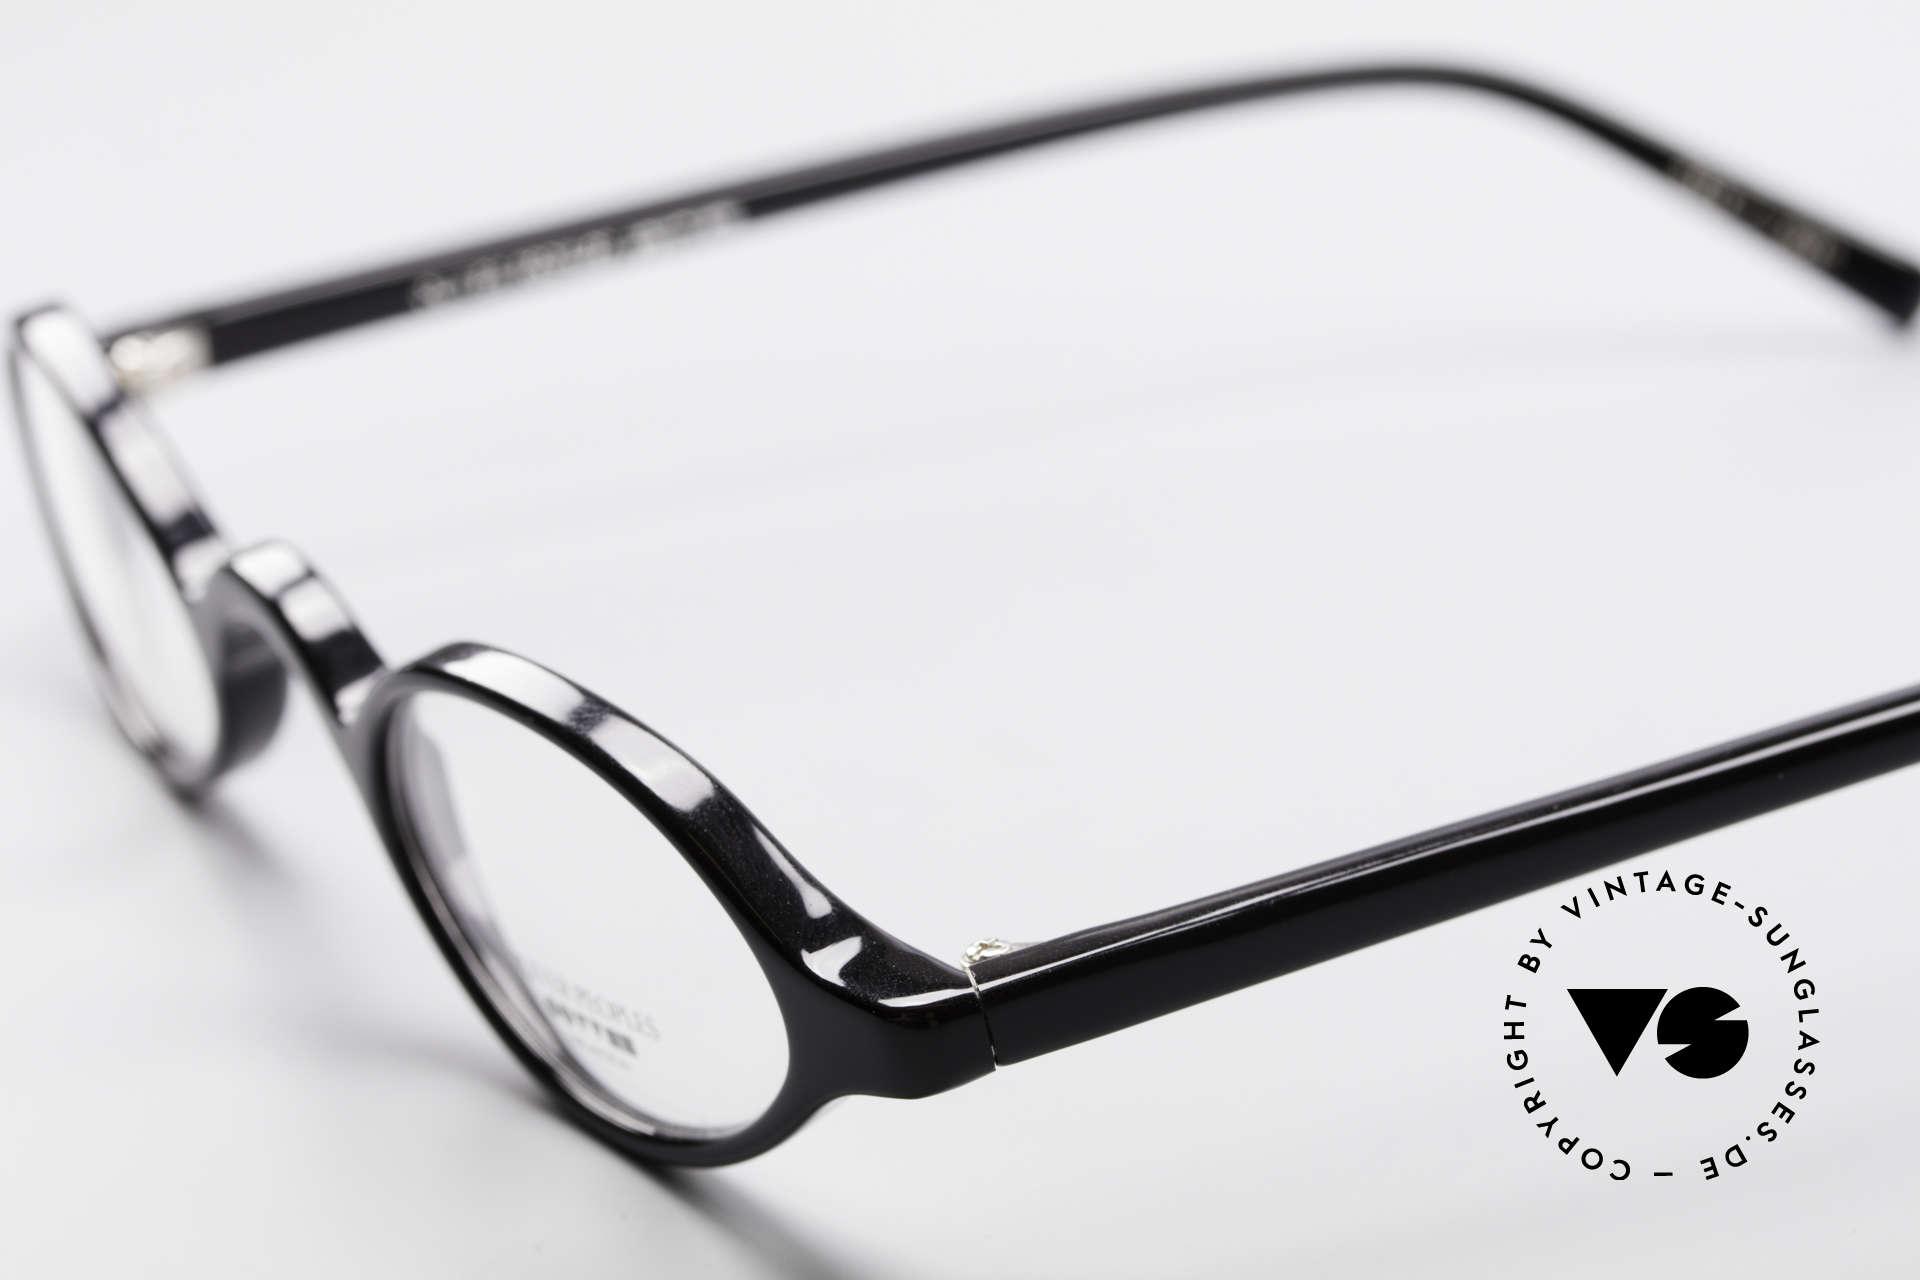 Oliver Peoples Skat Kleine Ovale Designer Brille, ungetragenes O. Peoples Einzelstück (made in Japan), Passend für Herren und Damen